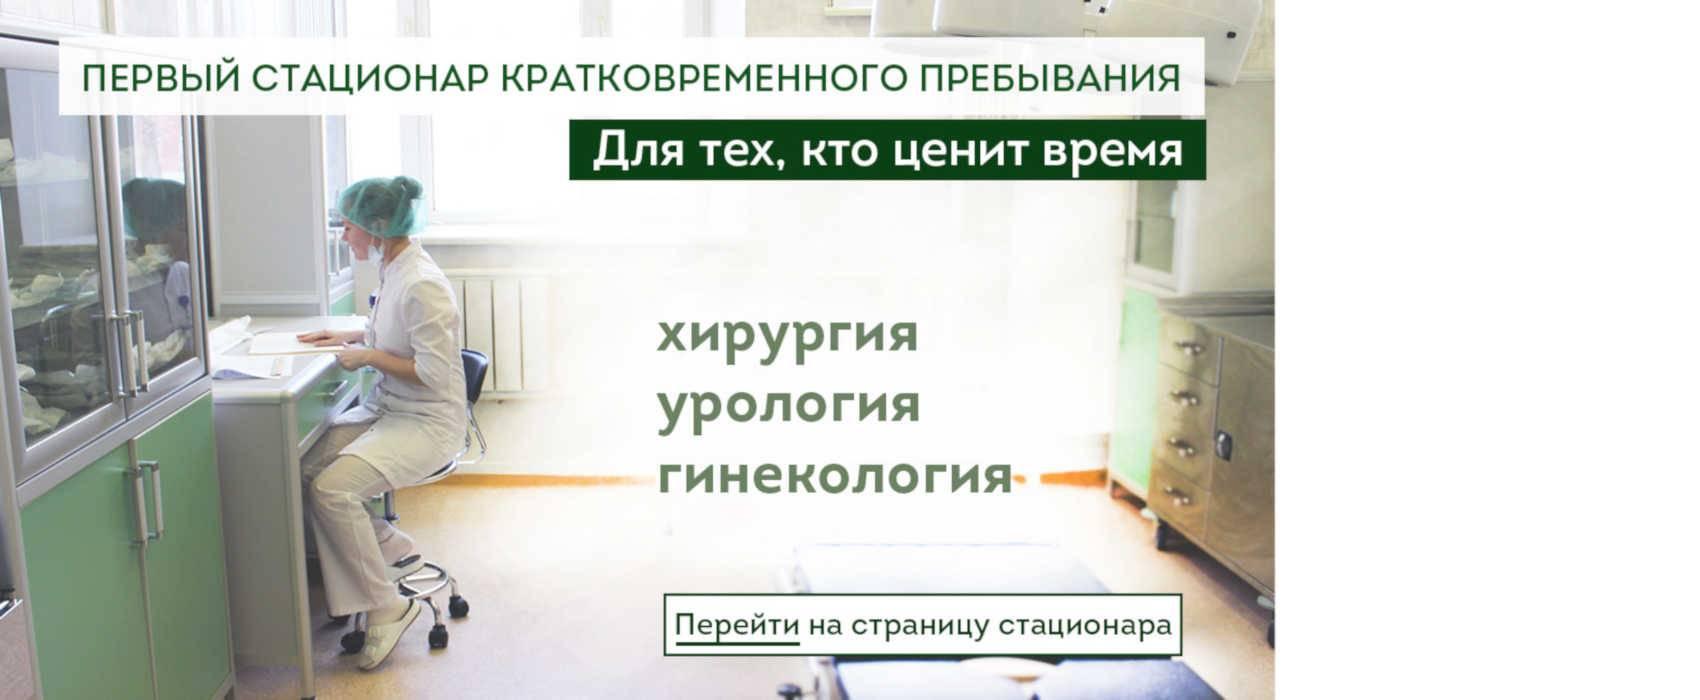 Схема боткинская больница москва фото 85